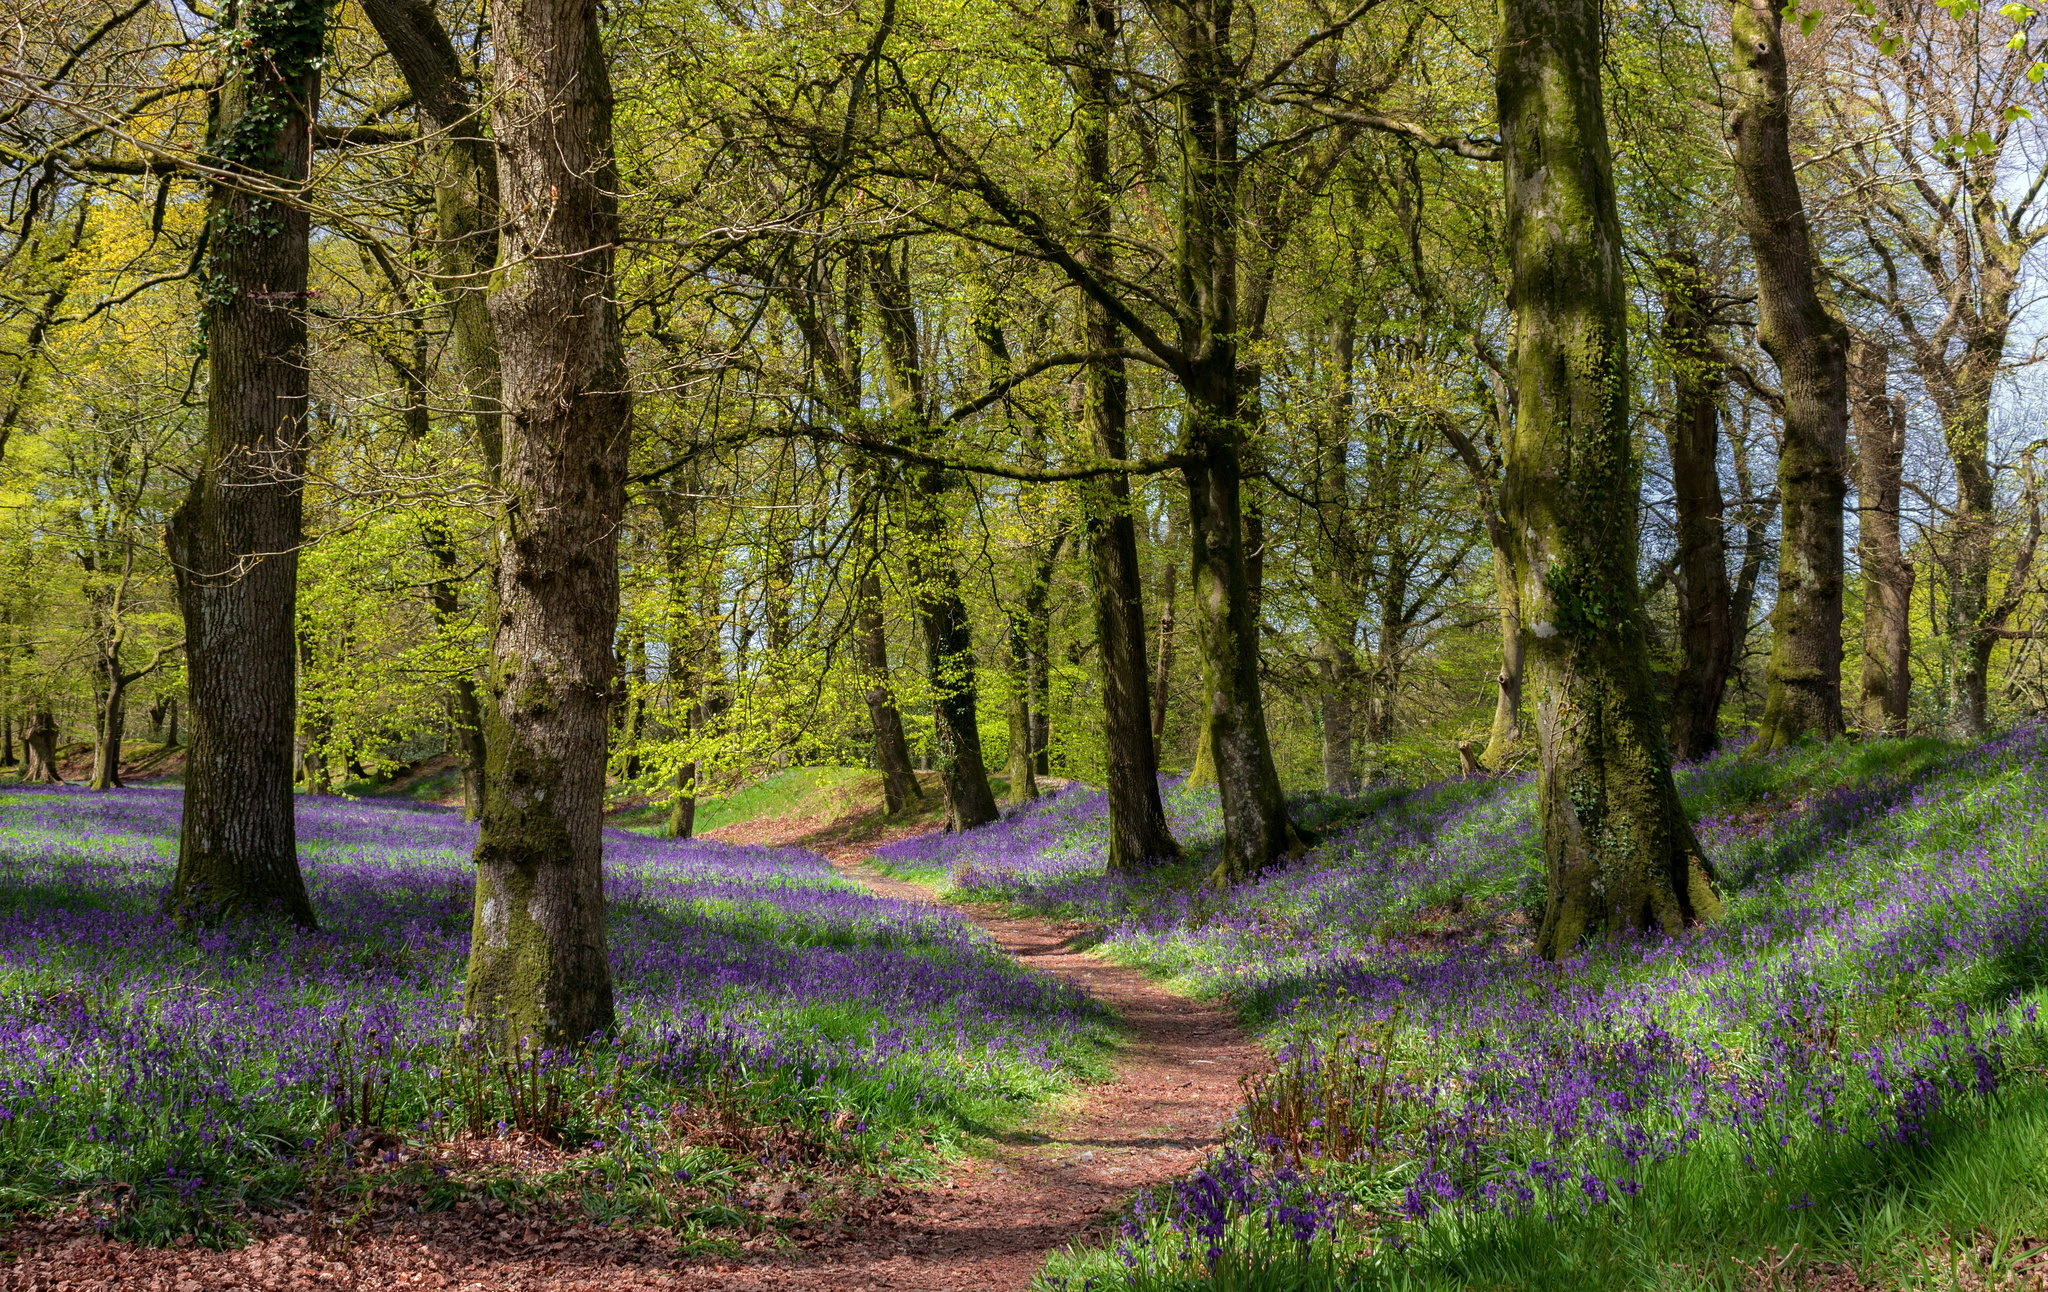 красивые картинки весенние лес маленький очень стеснительный